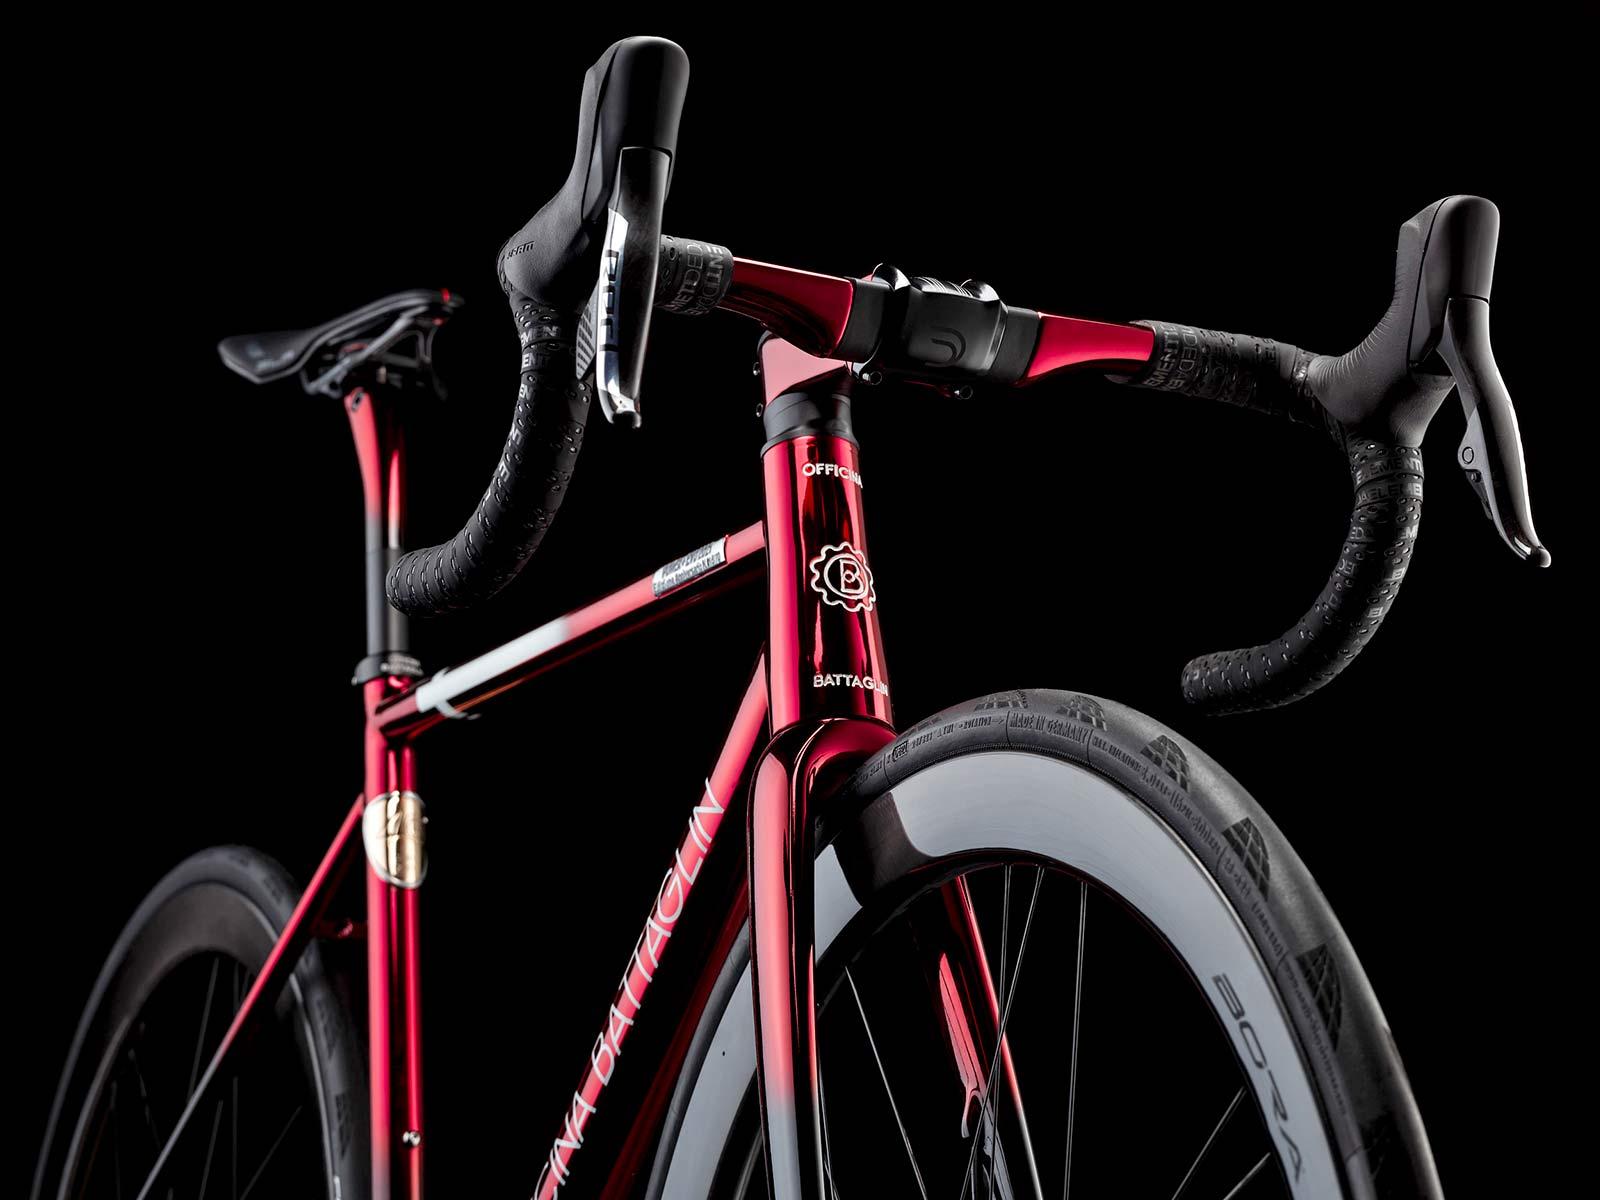 2021 Battaglin Power Plus EVO Edizione Anniversario custom Italian steel integrated road bike, 40th anniversary limited edition,front